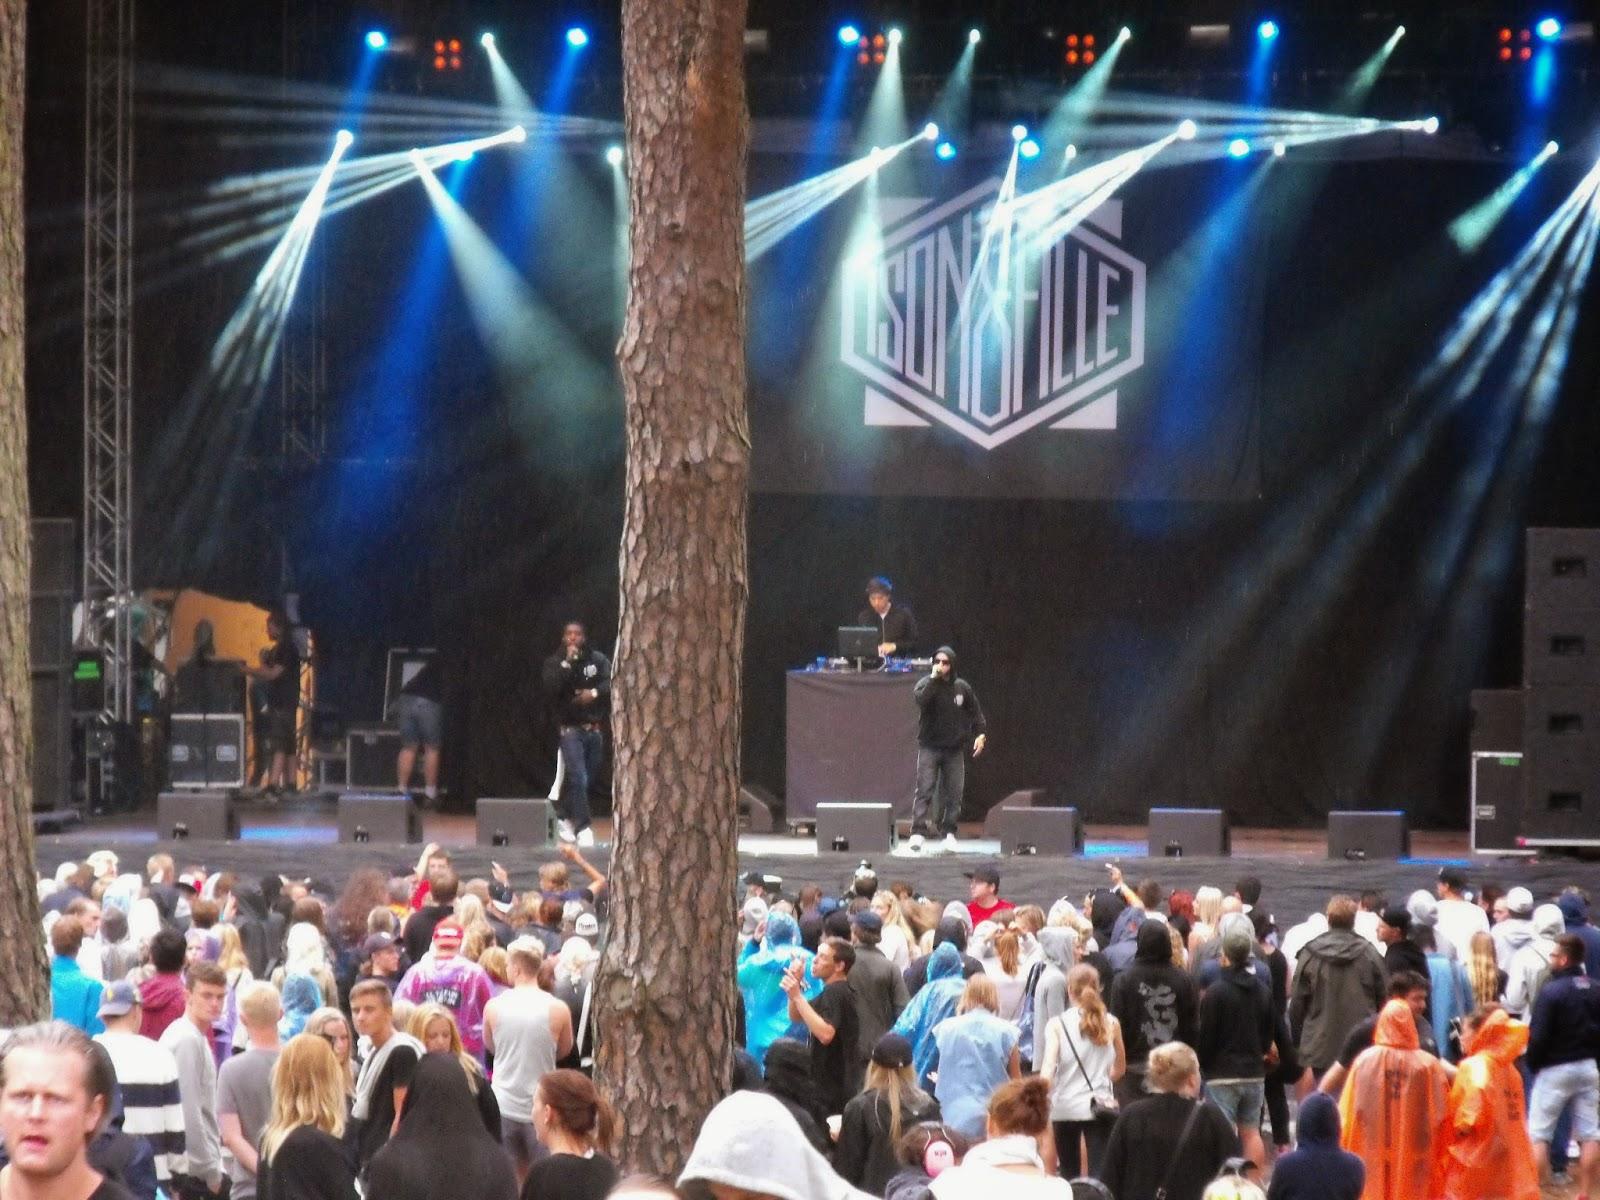 siestafestivalen, Siestafestivalen 2014, SiestaHlm, #SiestaHlm, Hässleholm, Sösdala, Barnfamilj, Musik, Glädje i hjärtat, Ison och Fille, Ison & Fille